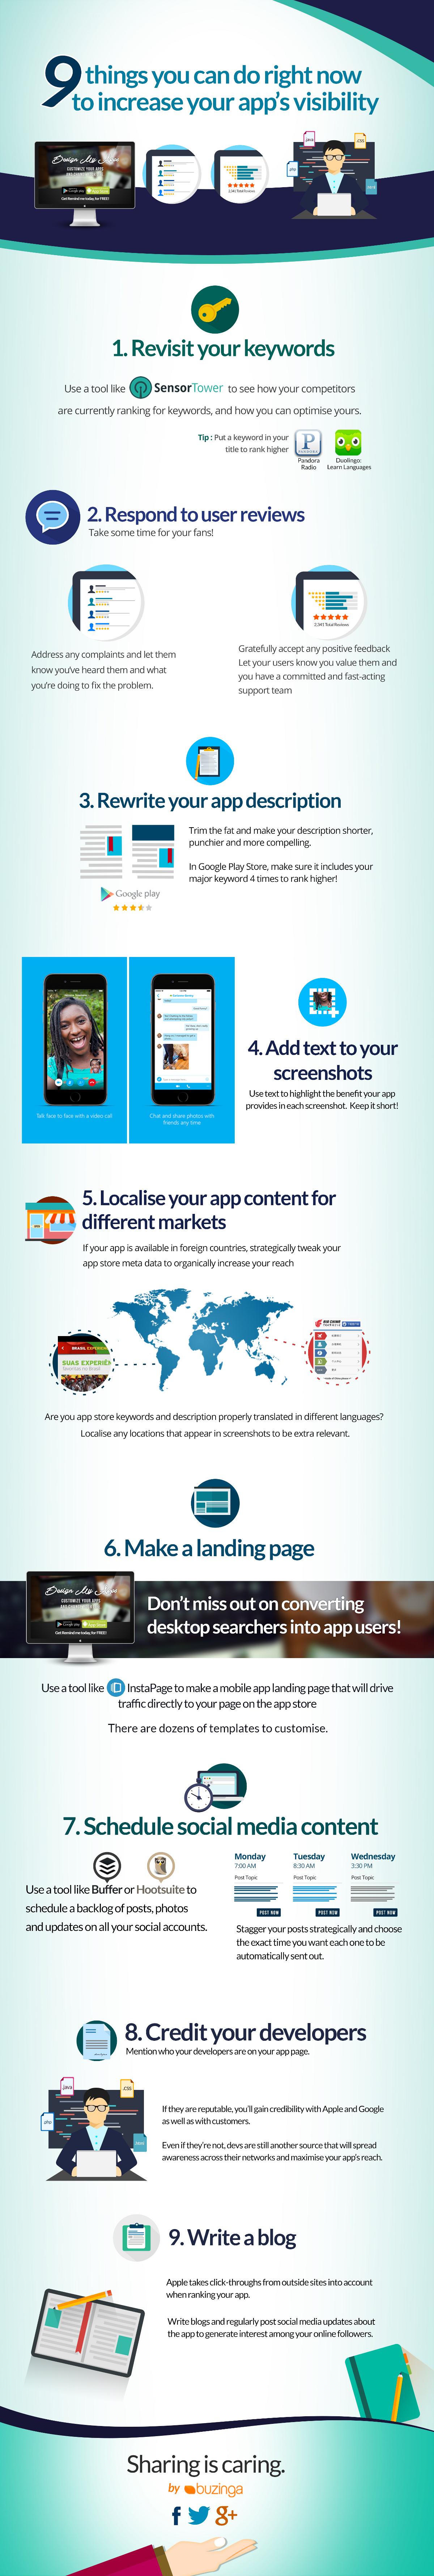 infografia-visibilidad-apps